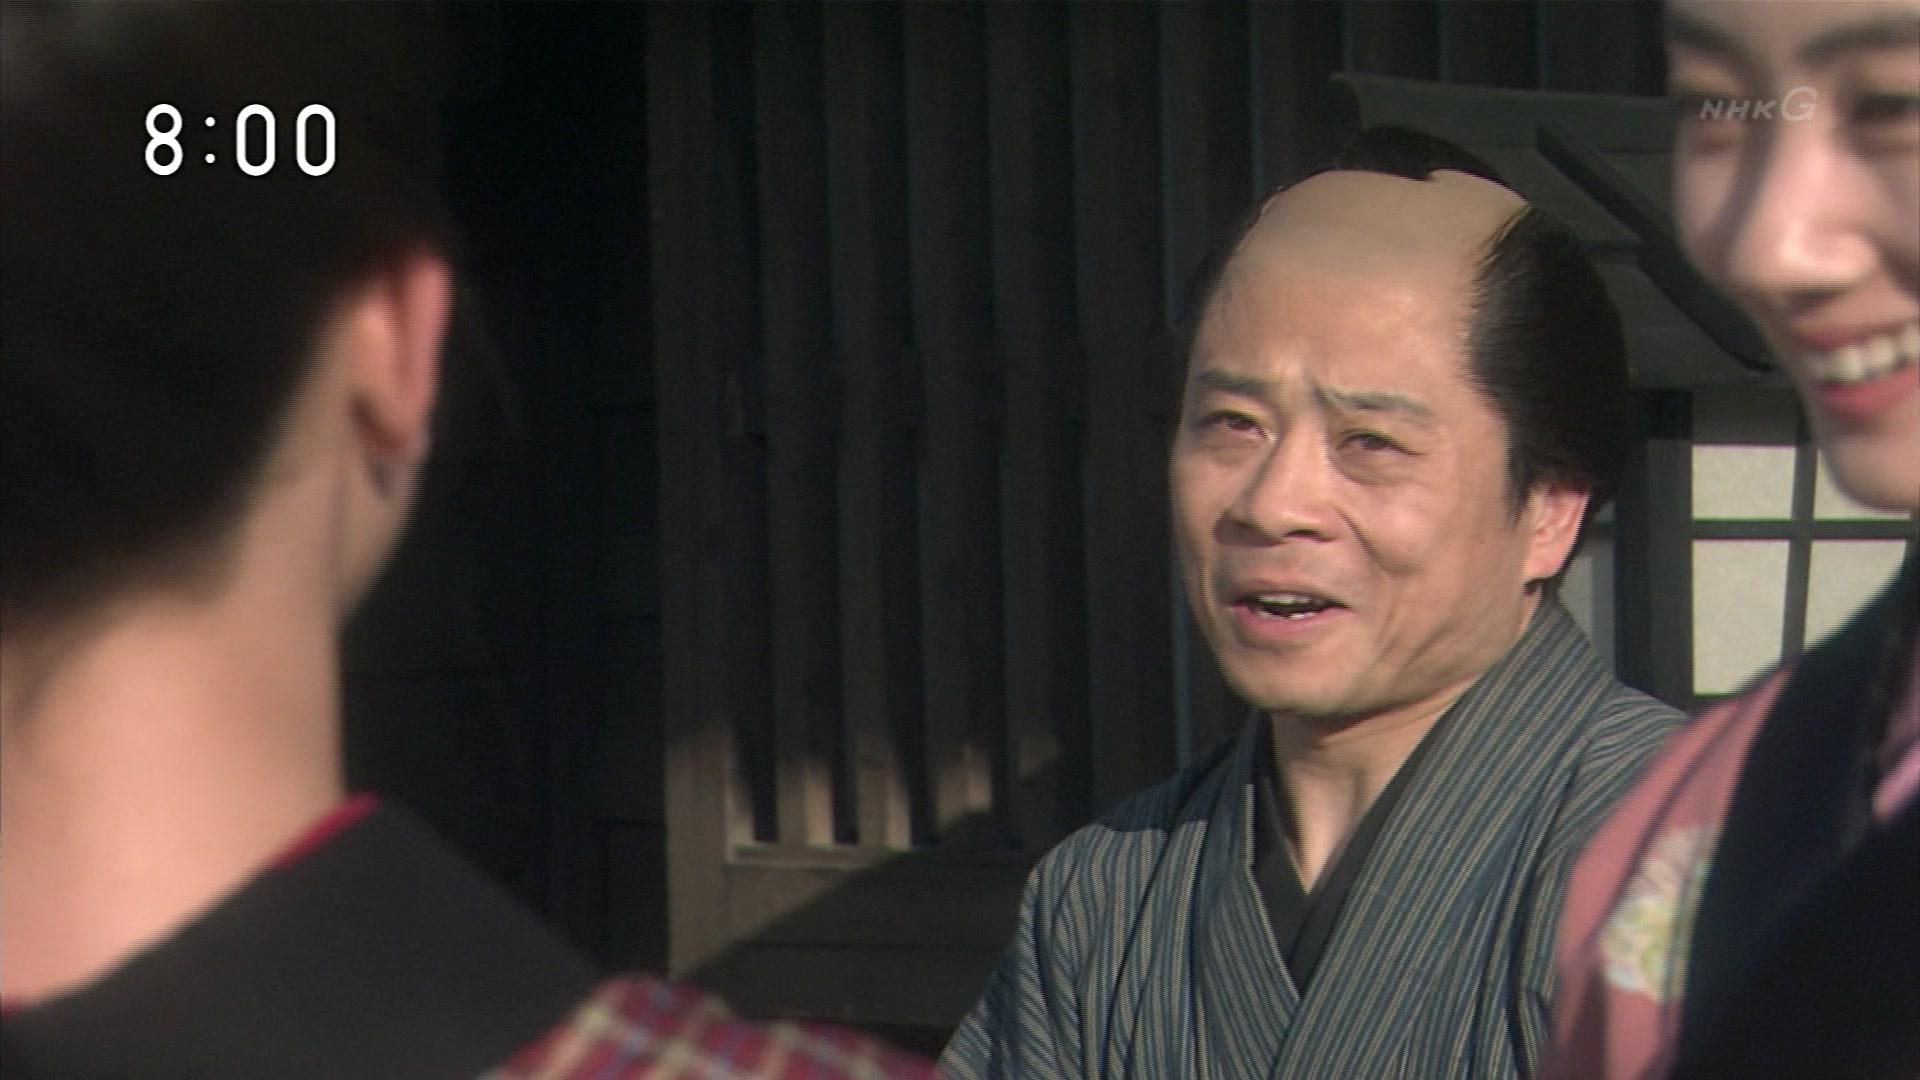 2015-10-20 08:00 連続テレビ小説 あさが来た(20)「若奥さんの底力」 0140